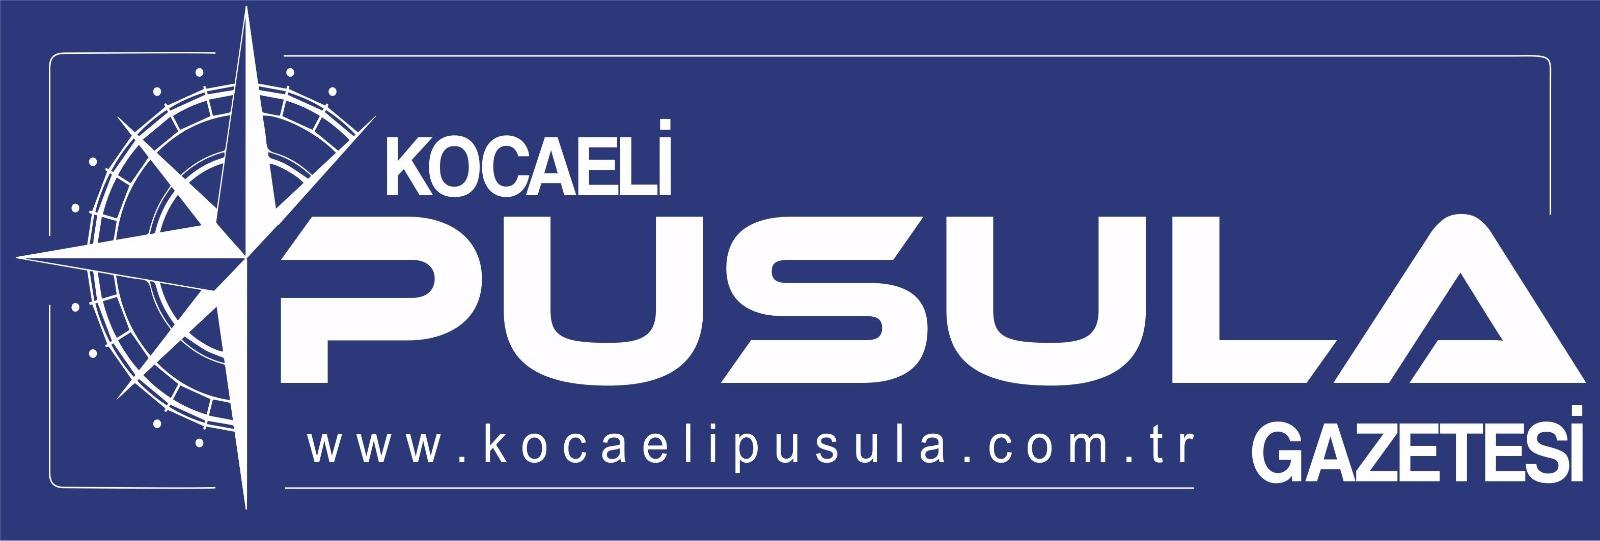 Kocaelipusula.com Güncel Kocaeli,Gebze Haber Sitesi Medyahost İnternet Hizmetleri